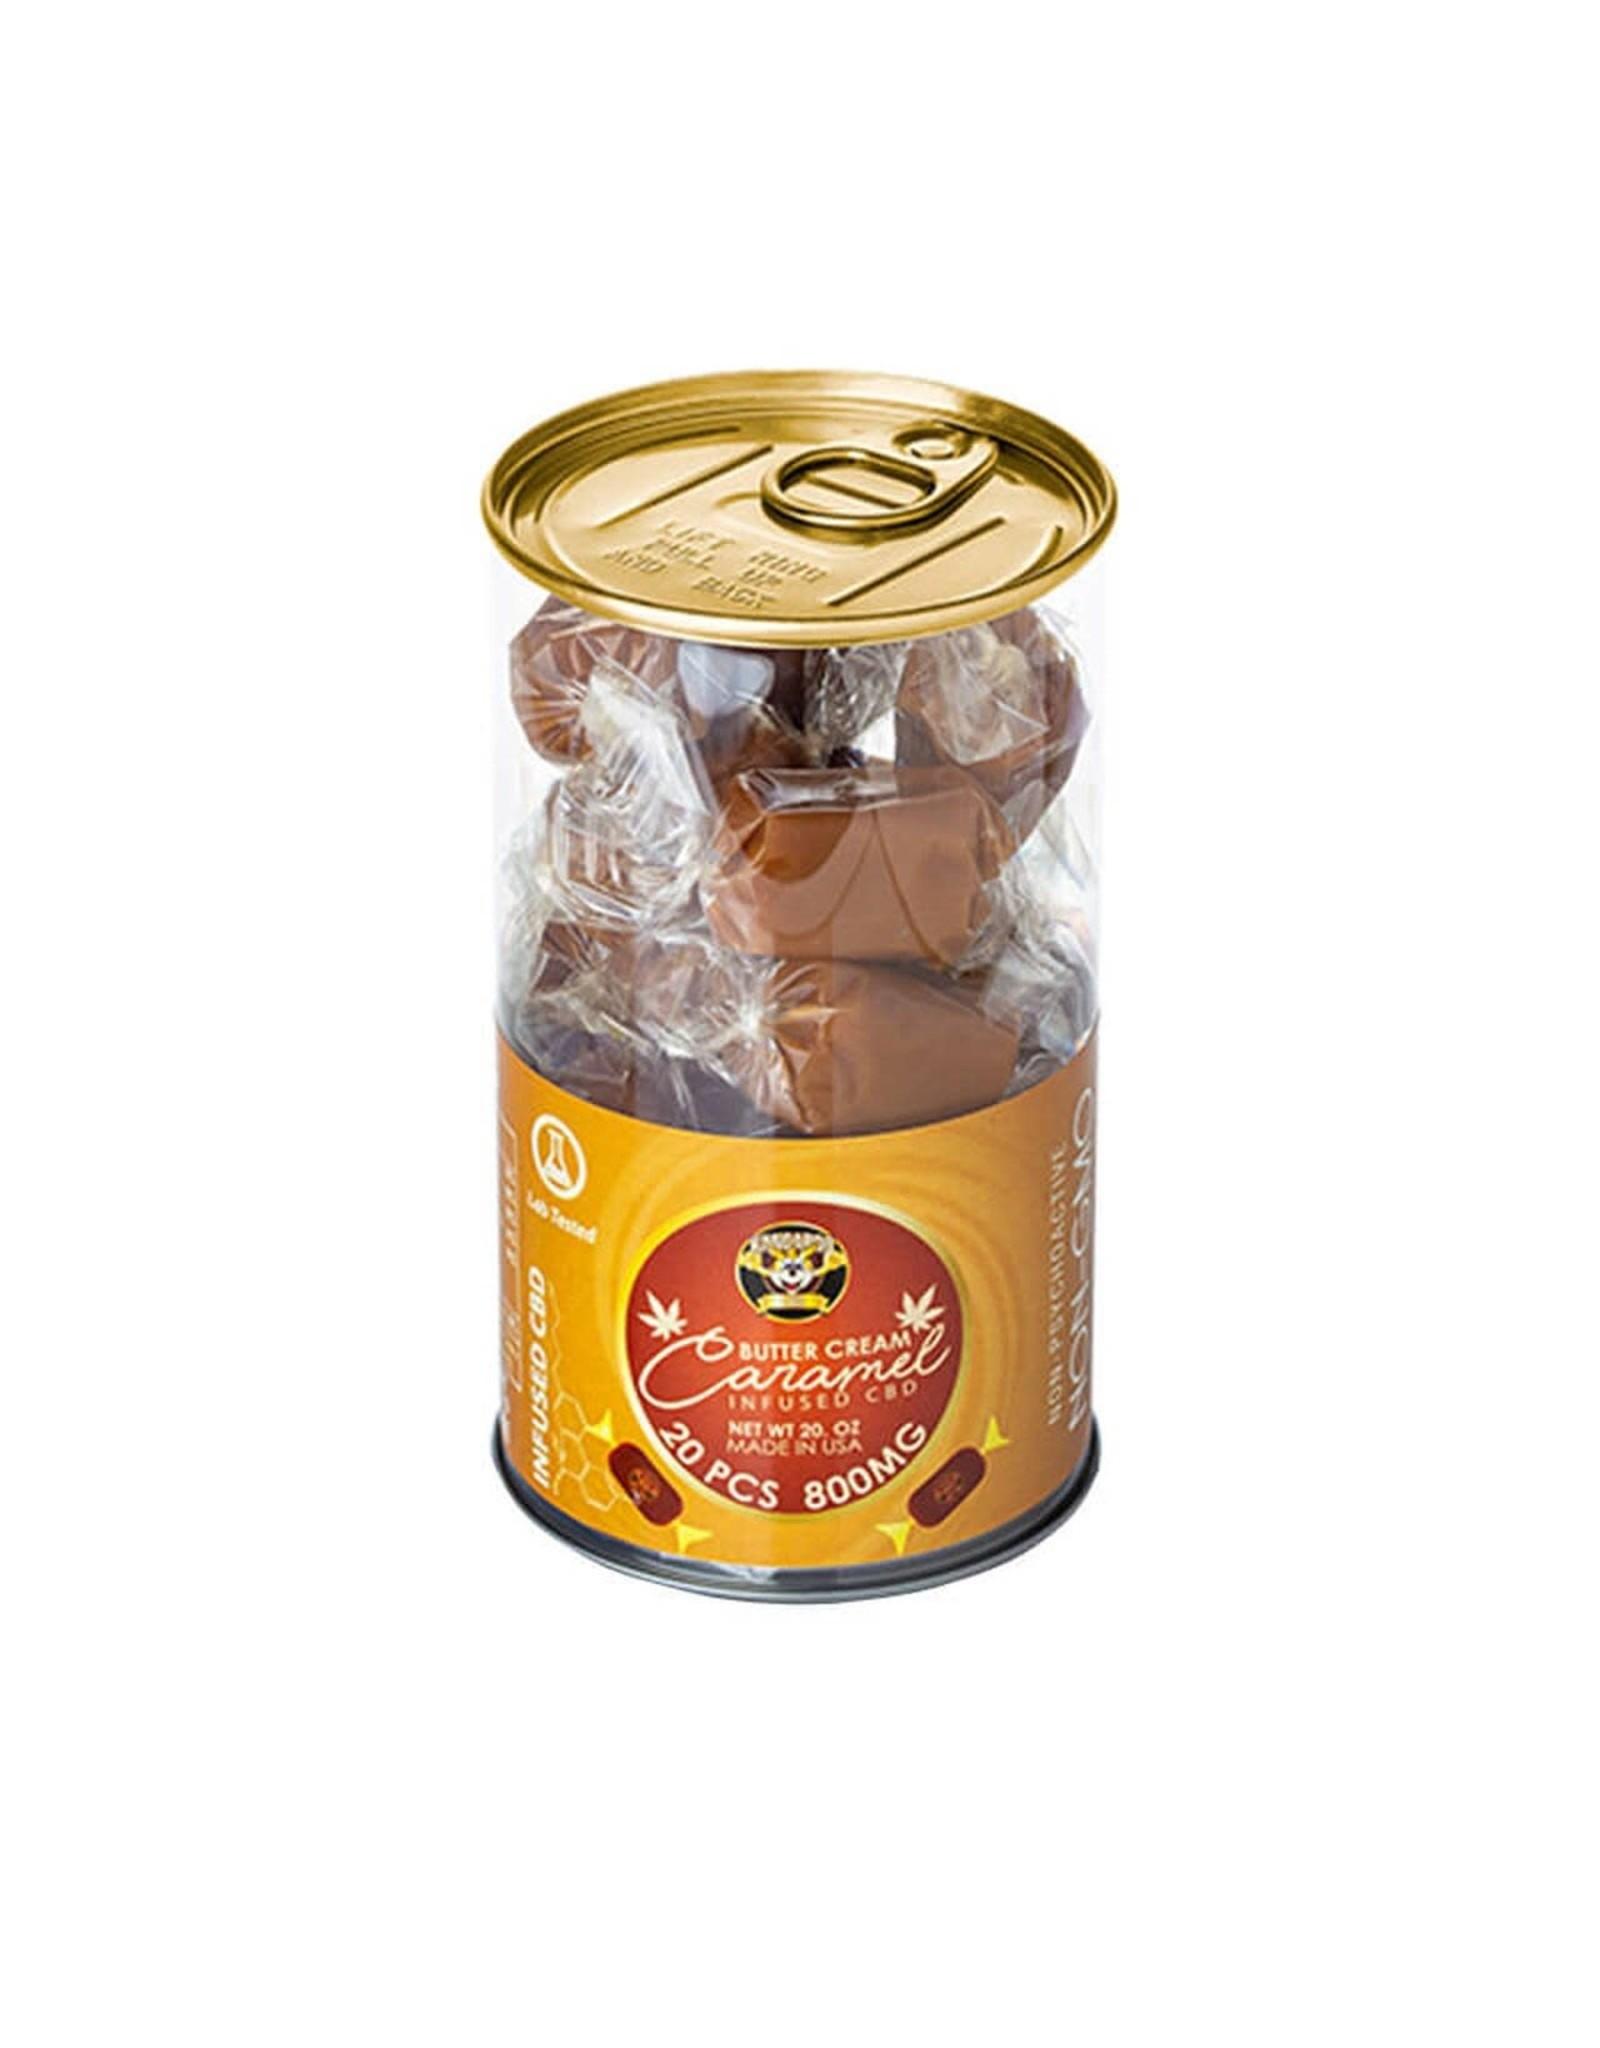 Kangaroo CBD Kangaroo CBD Caramel Toffee Candy 200mg 5ct